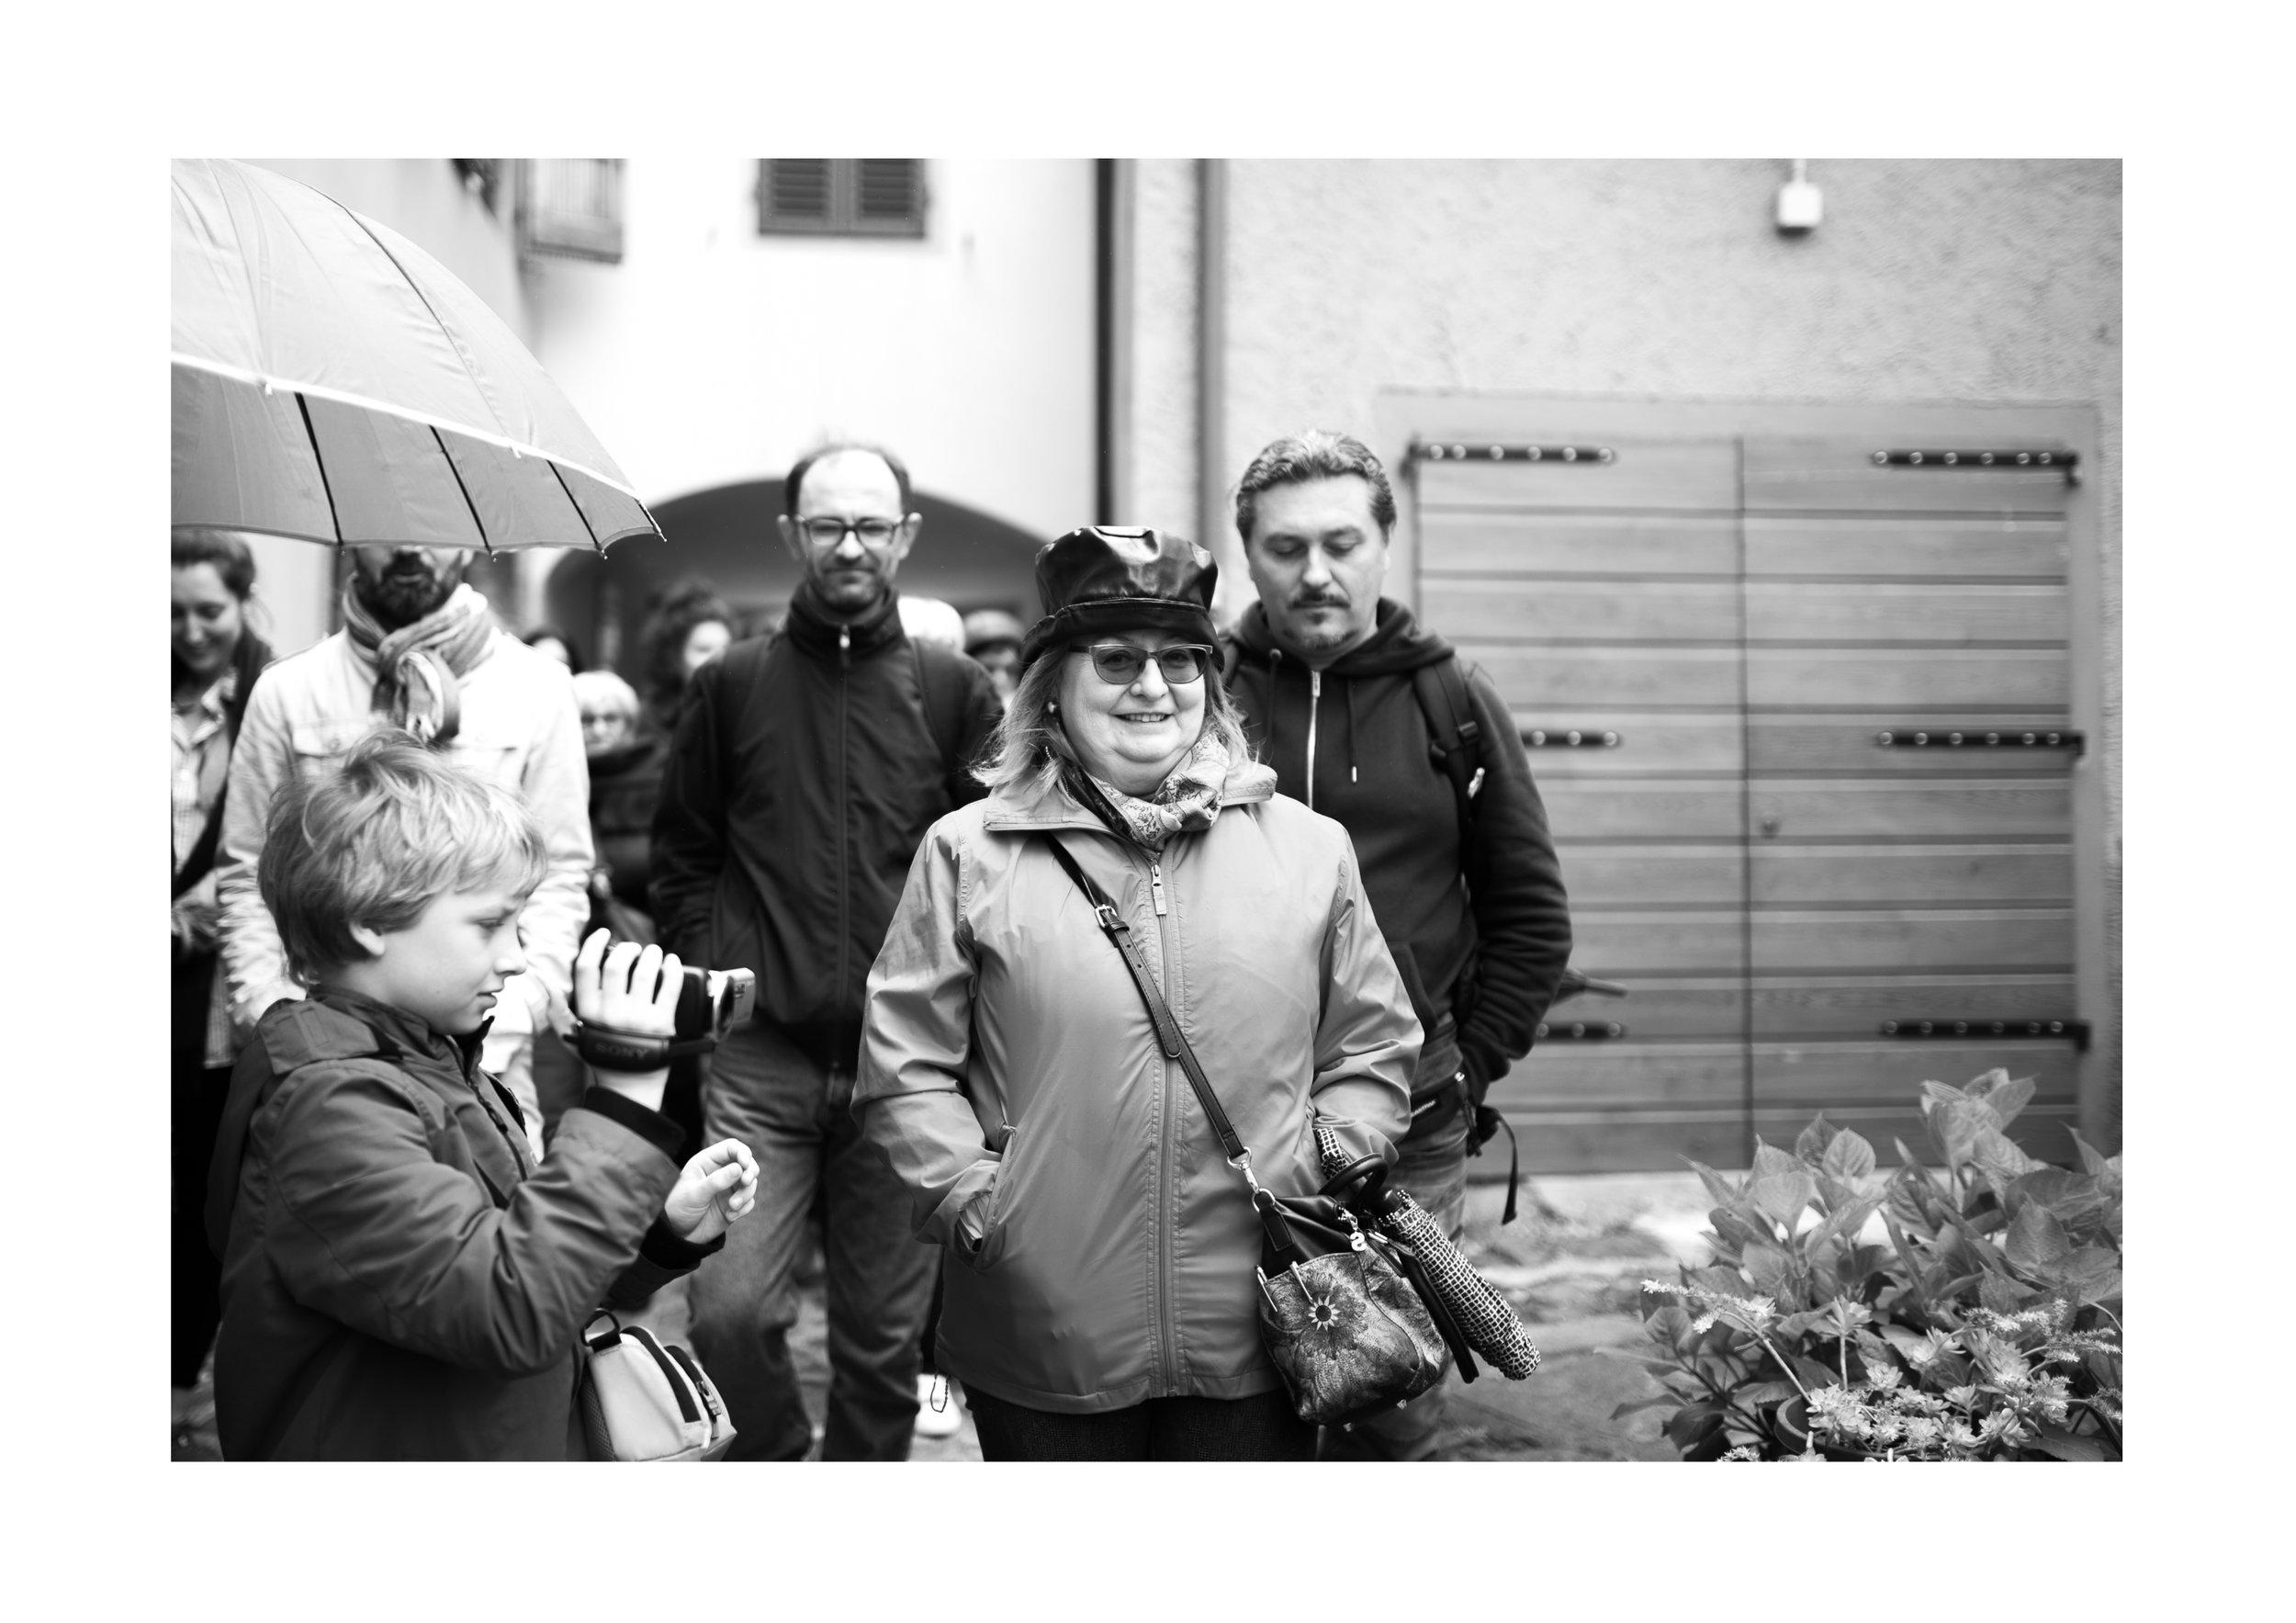 """Simonetta Paloscia a Castagno il 12 Maggio 2019, durante il percorso lento """"Il borgo museo"""" - Foto: Rachele Salvioli."""